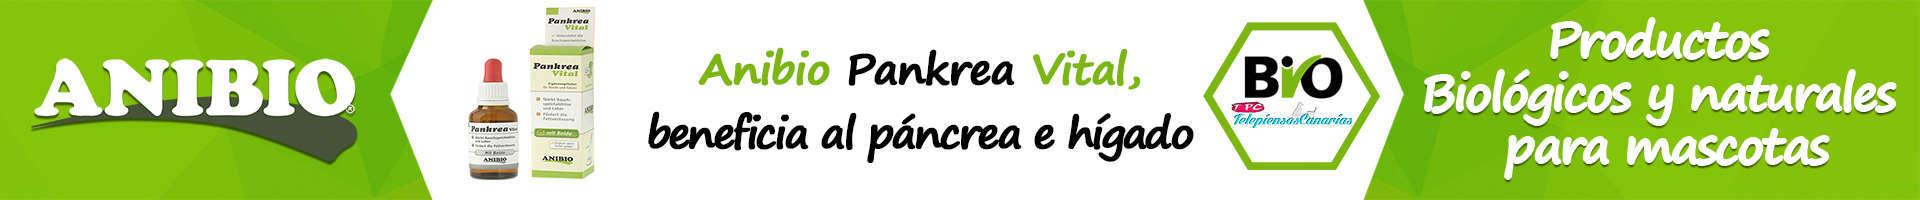 Anibio pankrea vital, refuerza el páncreas del perro y el gato